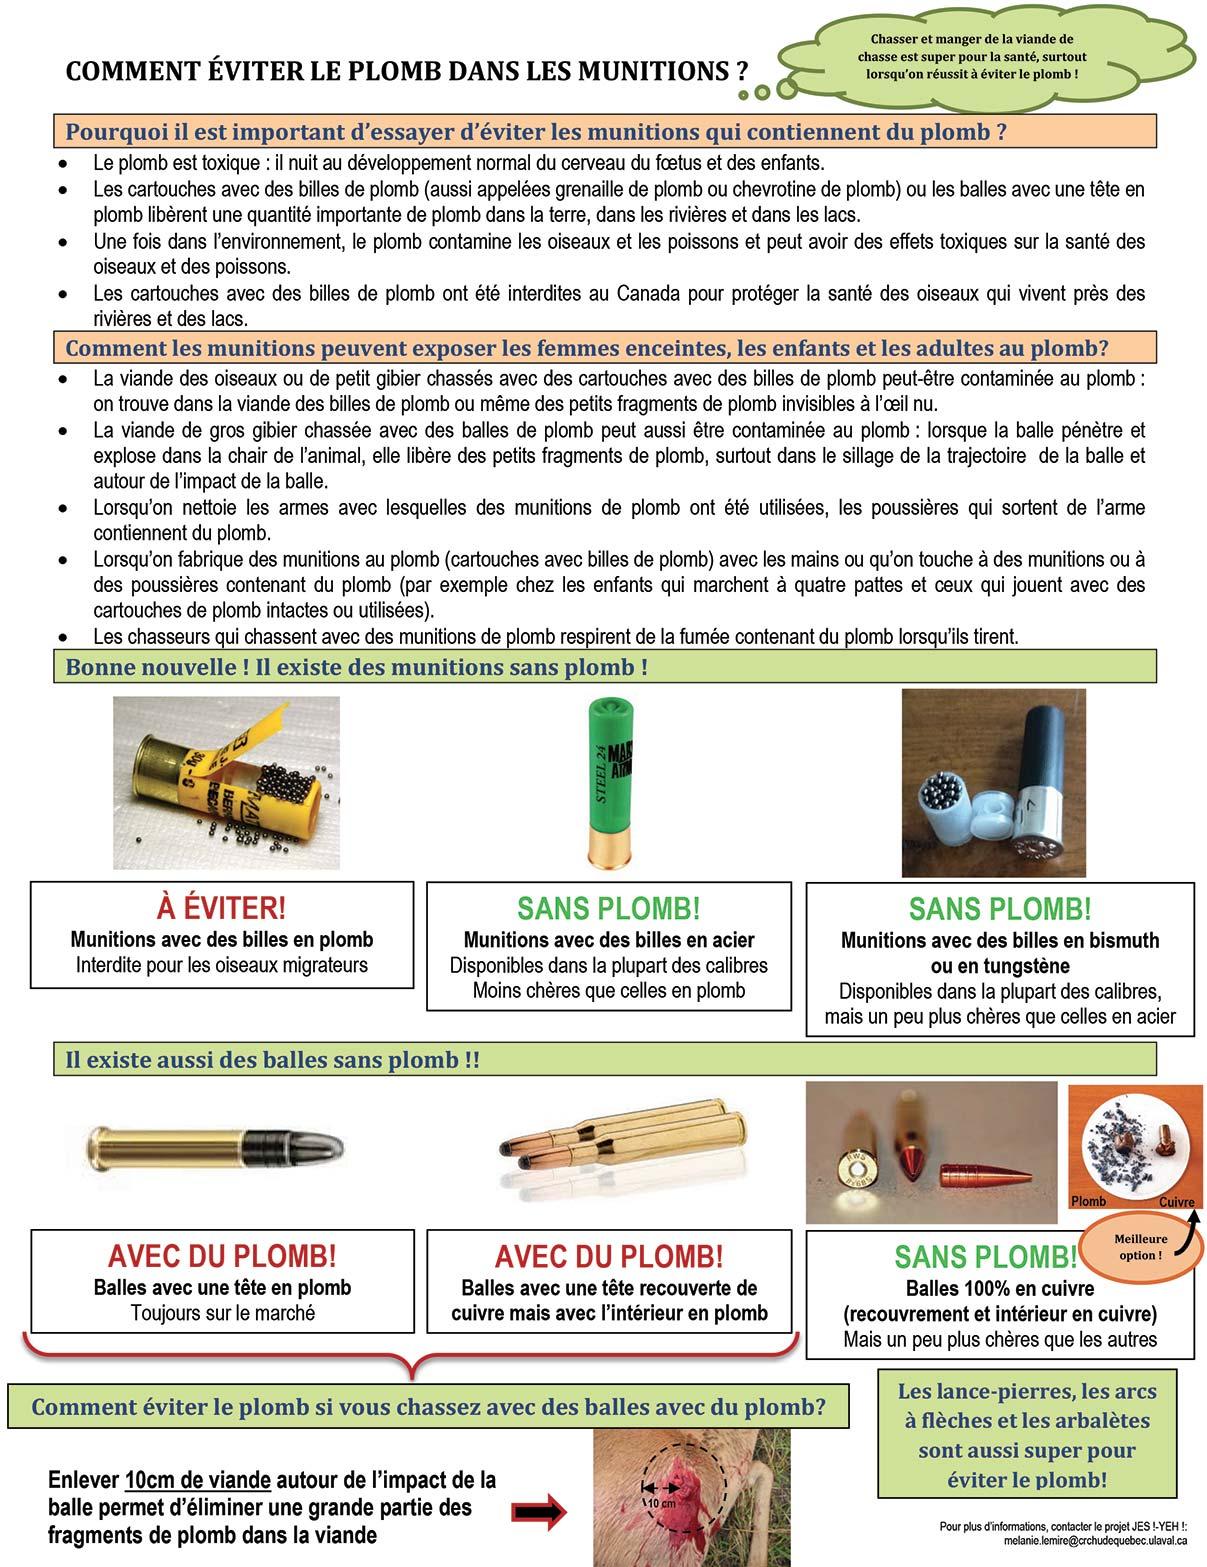 L'impact des munitions de plomb sur la santé